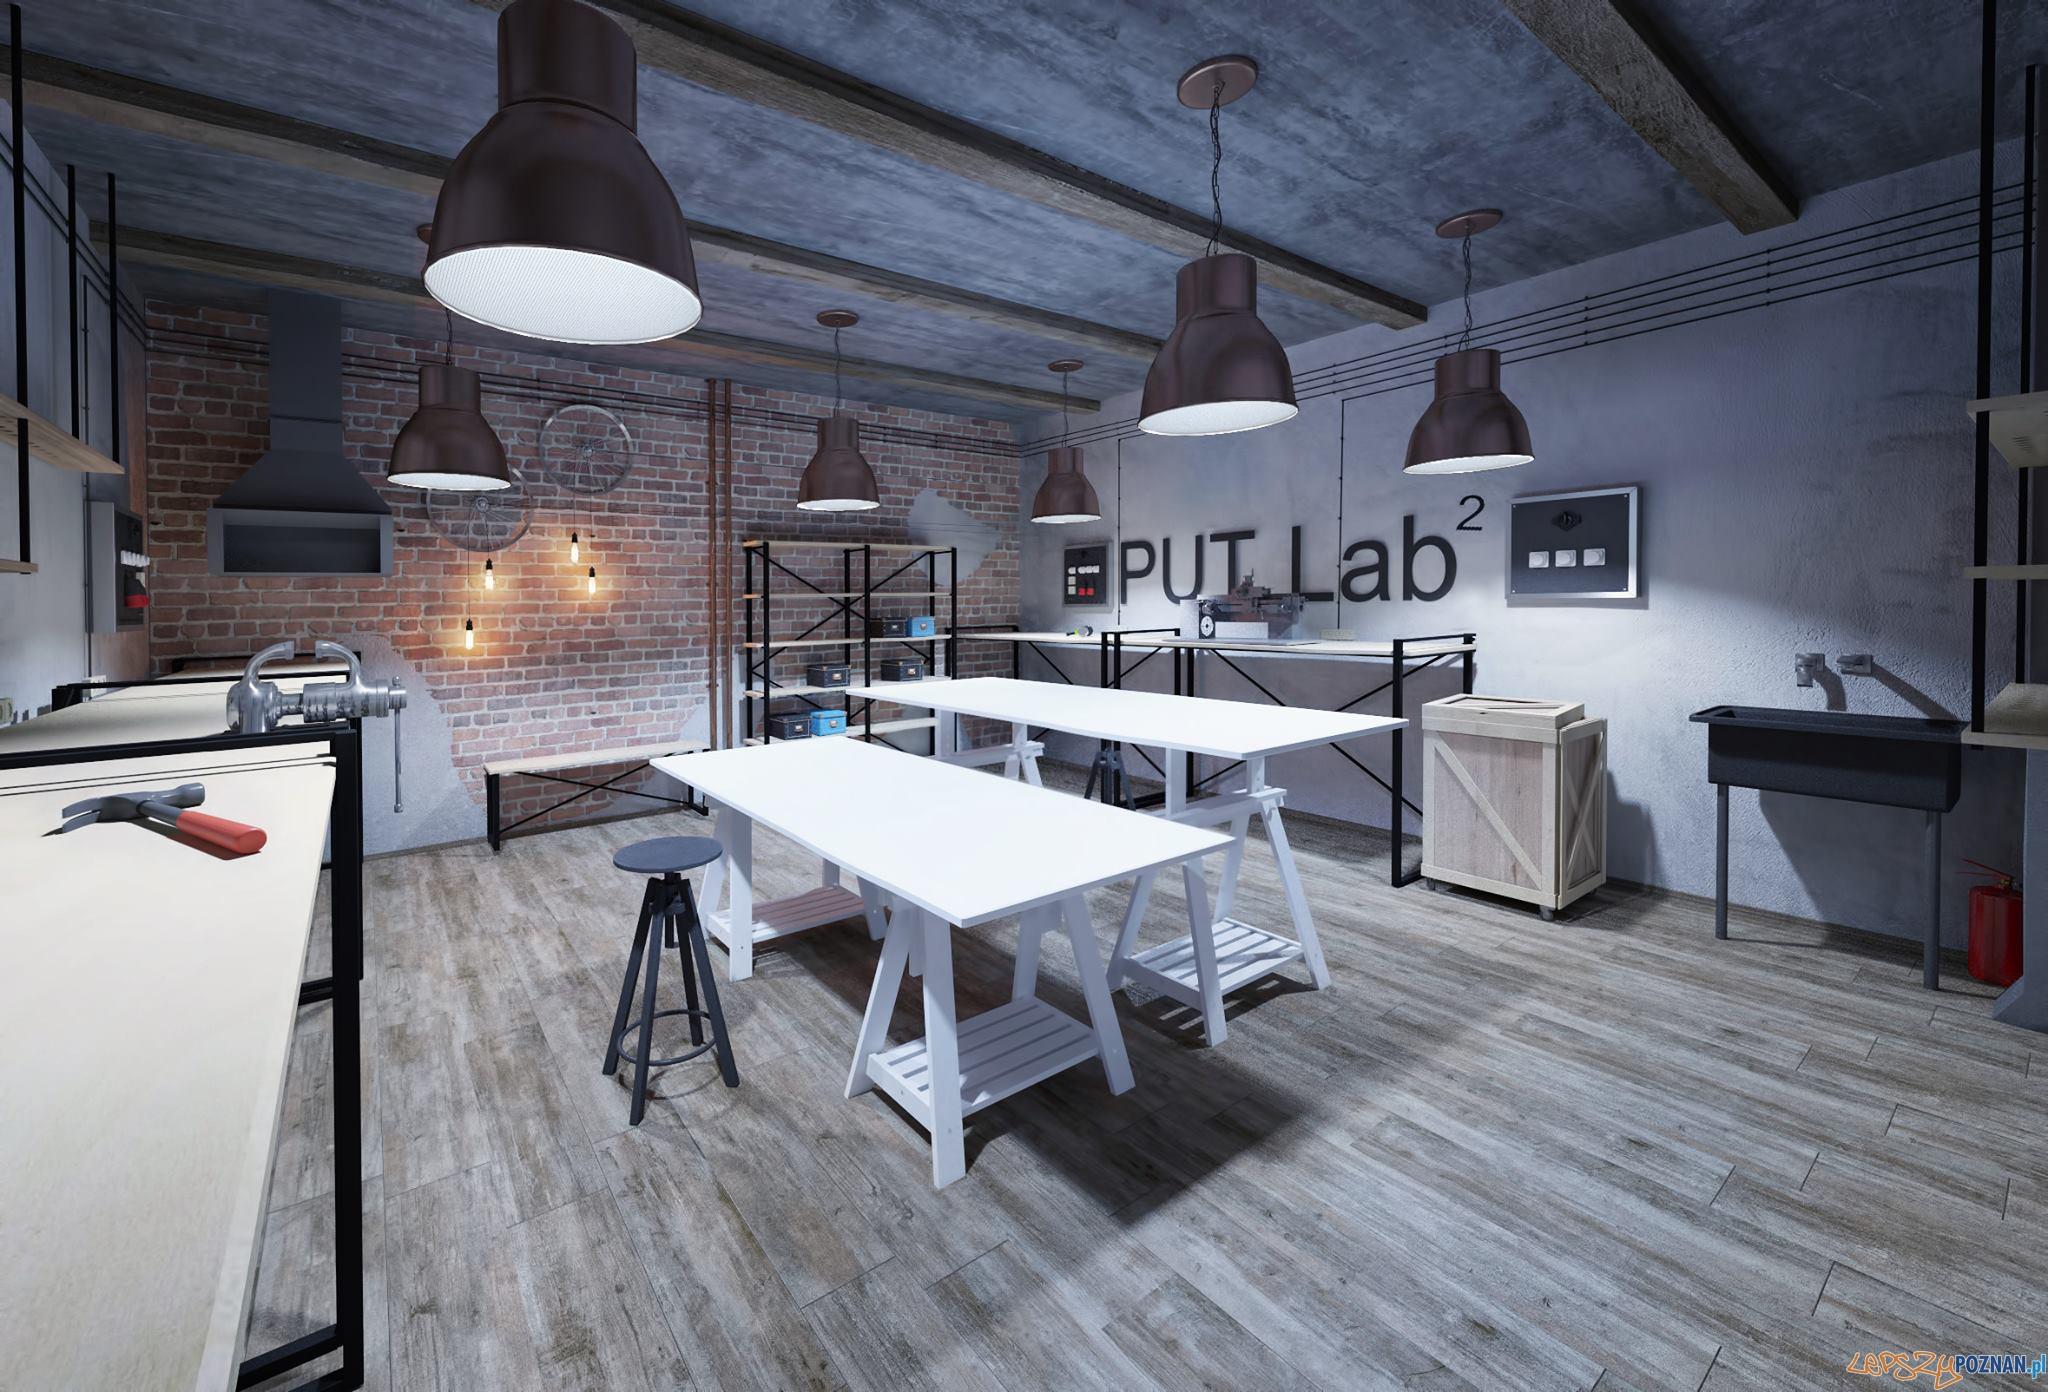 PUT Lab - makerspace na Politechnice (2)  Foto: Rada Kół Naukowych  Politechniki Poznańskiej